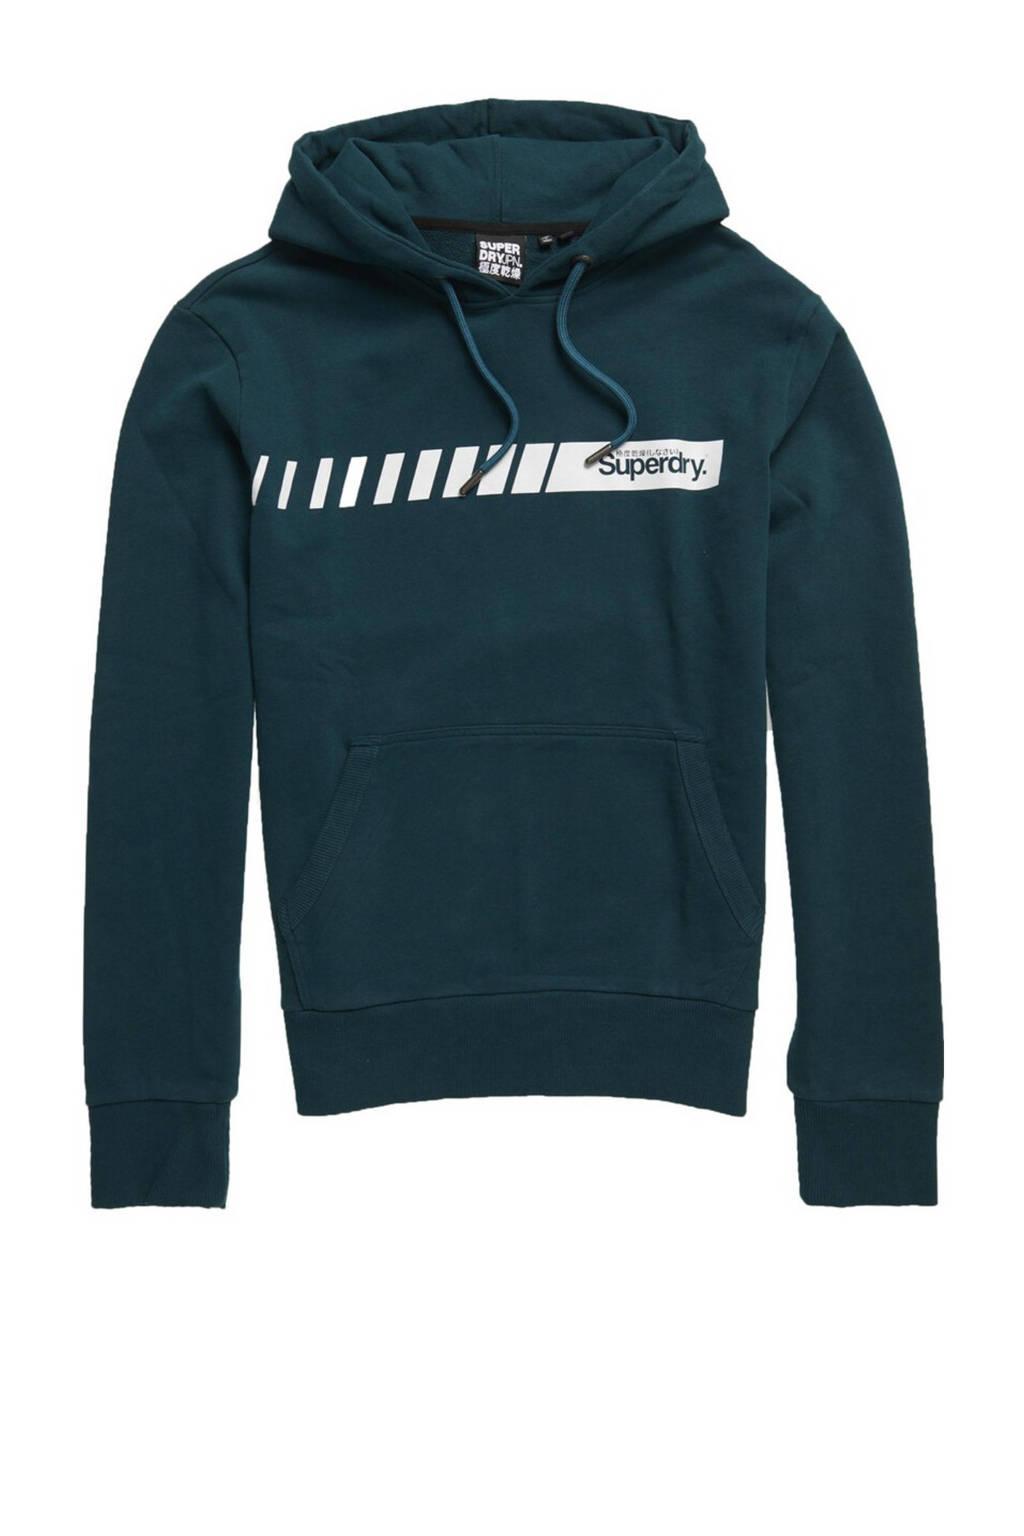 Superdry hoodie met logo petrol, Petrol